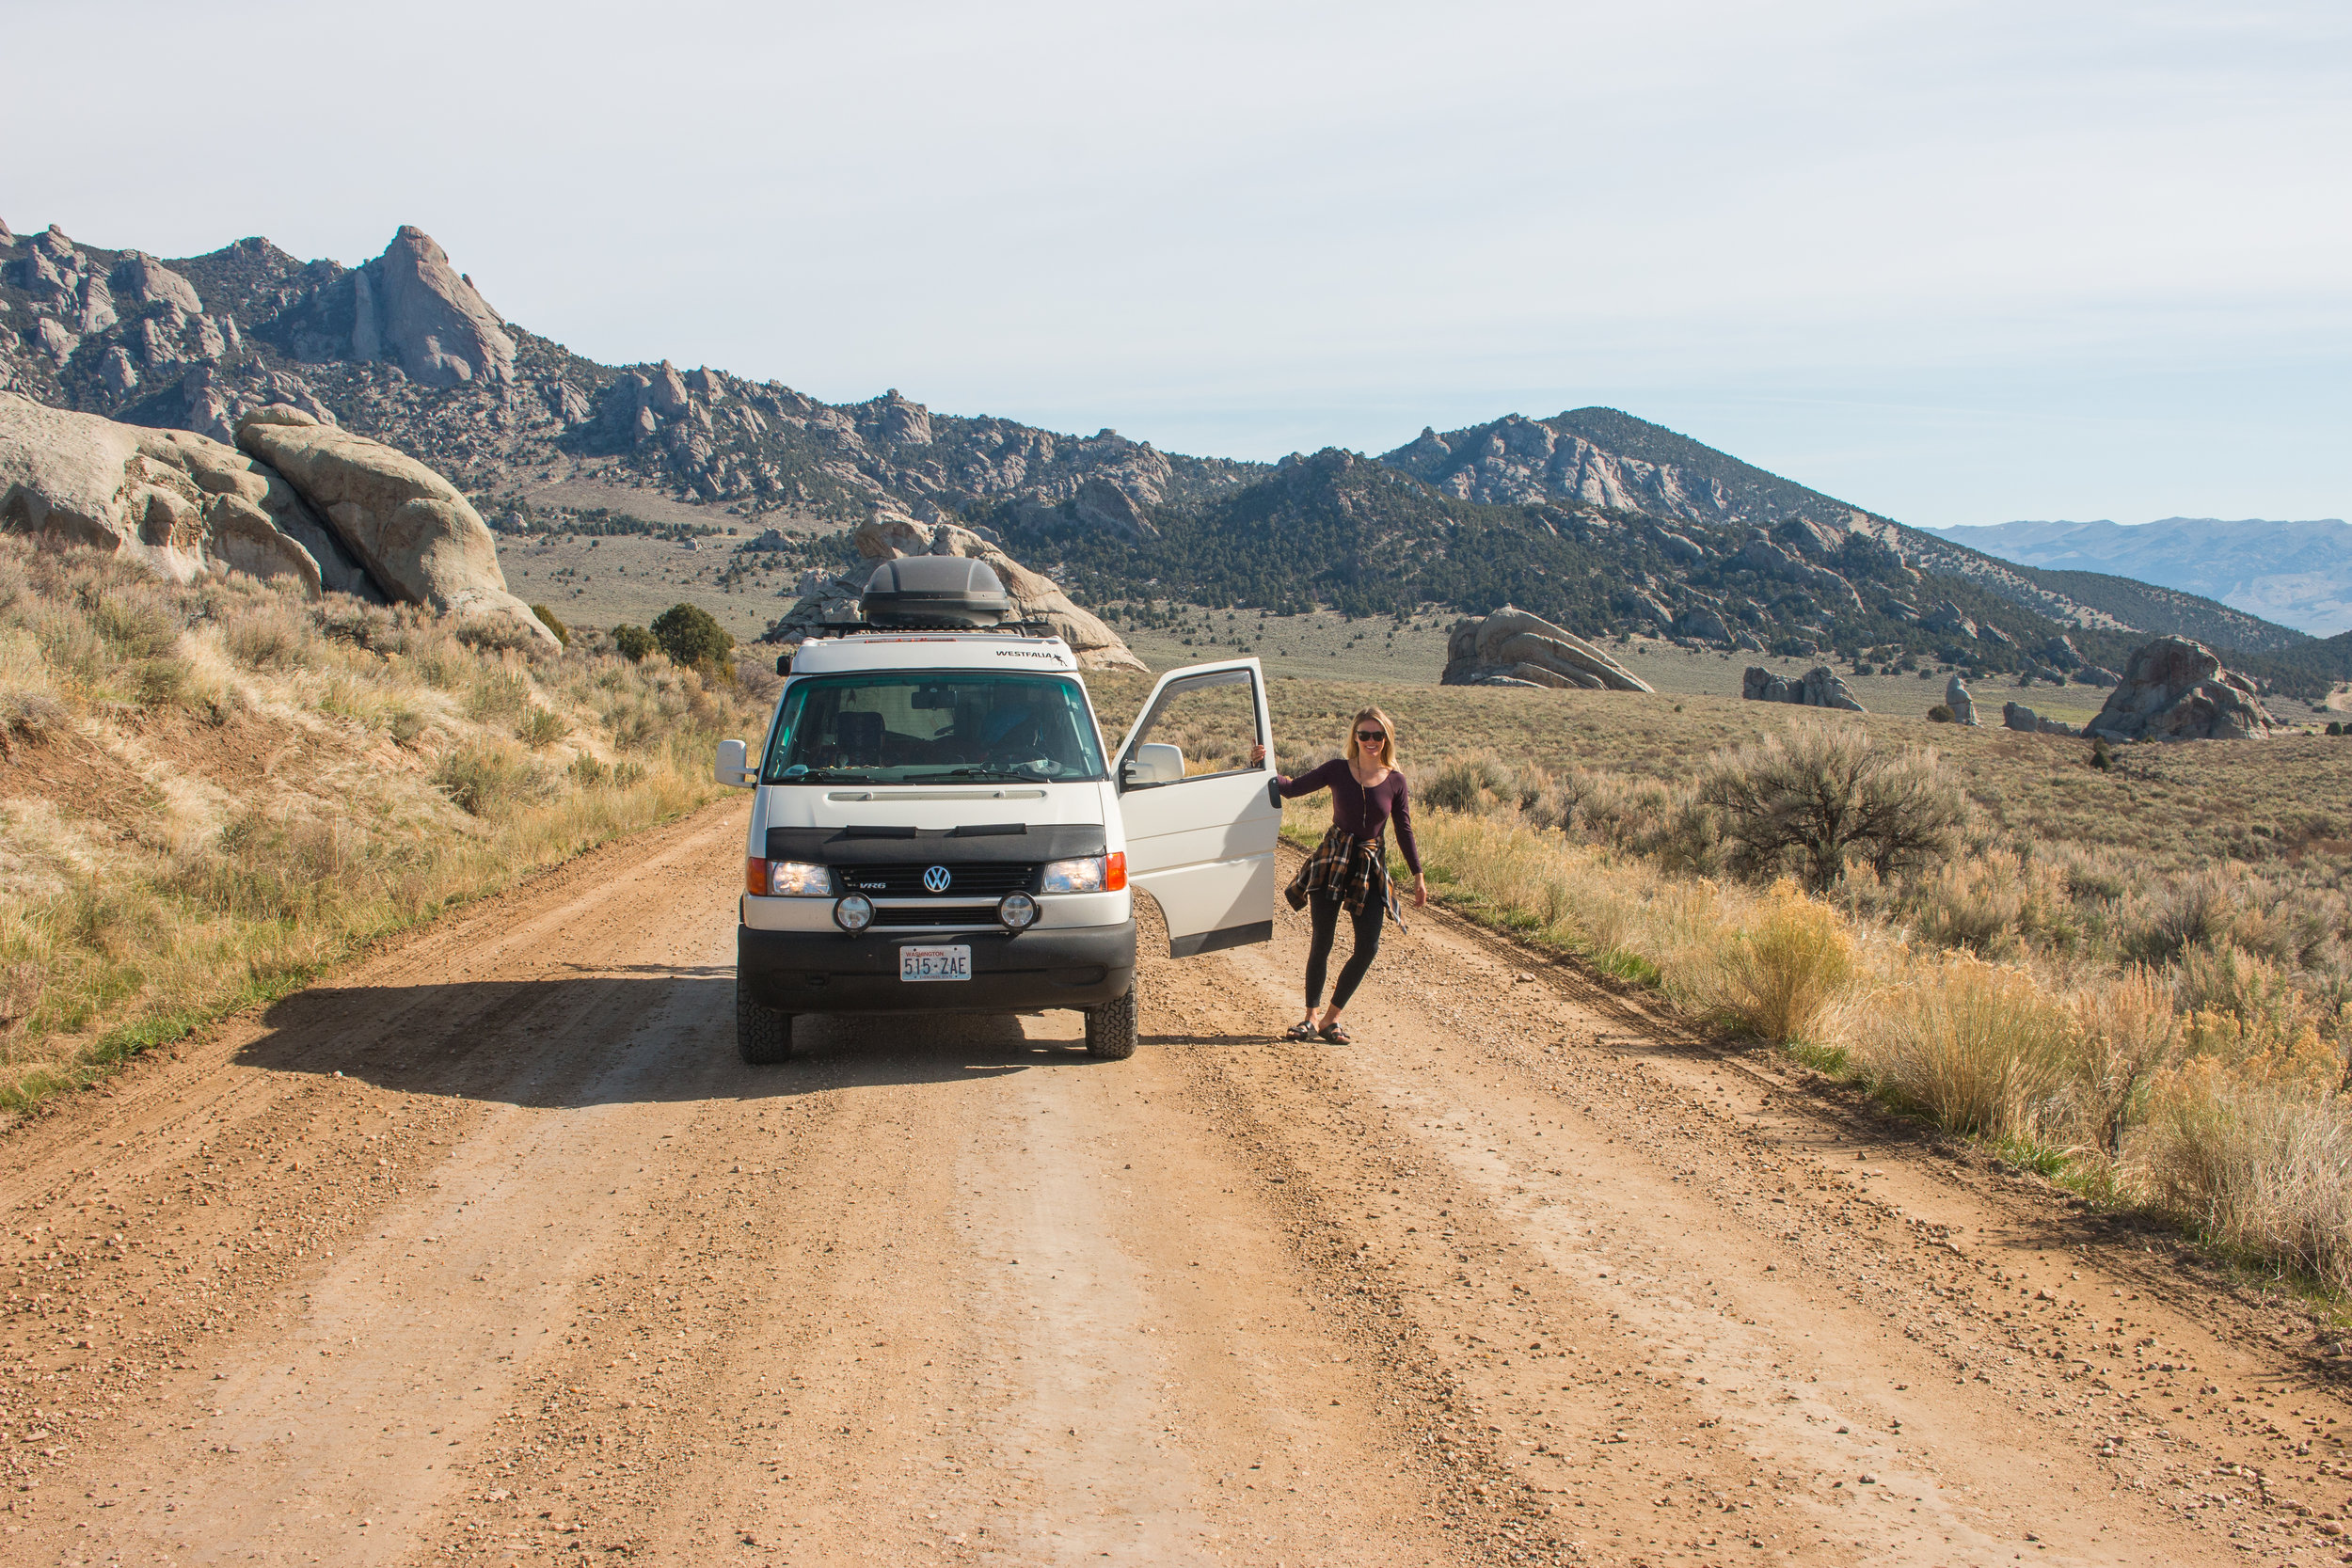 Desert_road-34.jpg